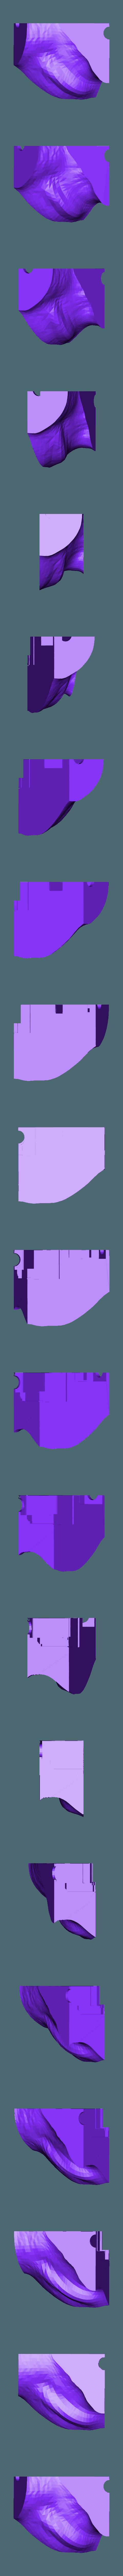 GADGETS torso pt8.stl Download free STL file GADGET the robotic Gremlin • 3D printing object, atarka3